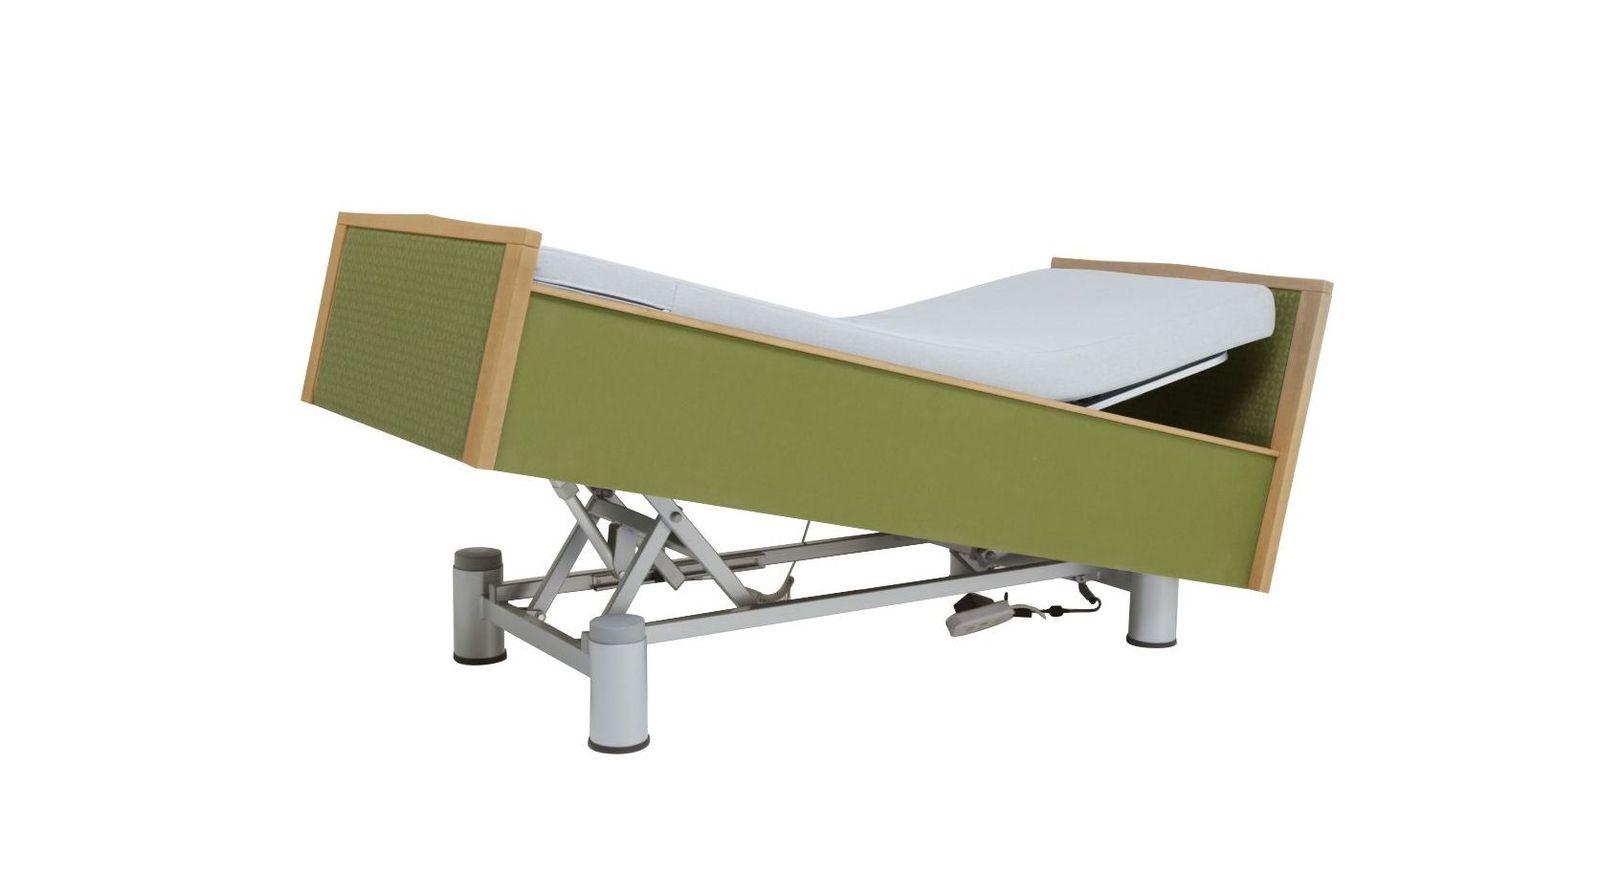 Stabiles Komfortbett mit Pflegebett-Funktion mit Verstellung per Fernbedienung